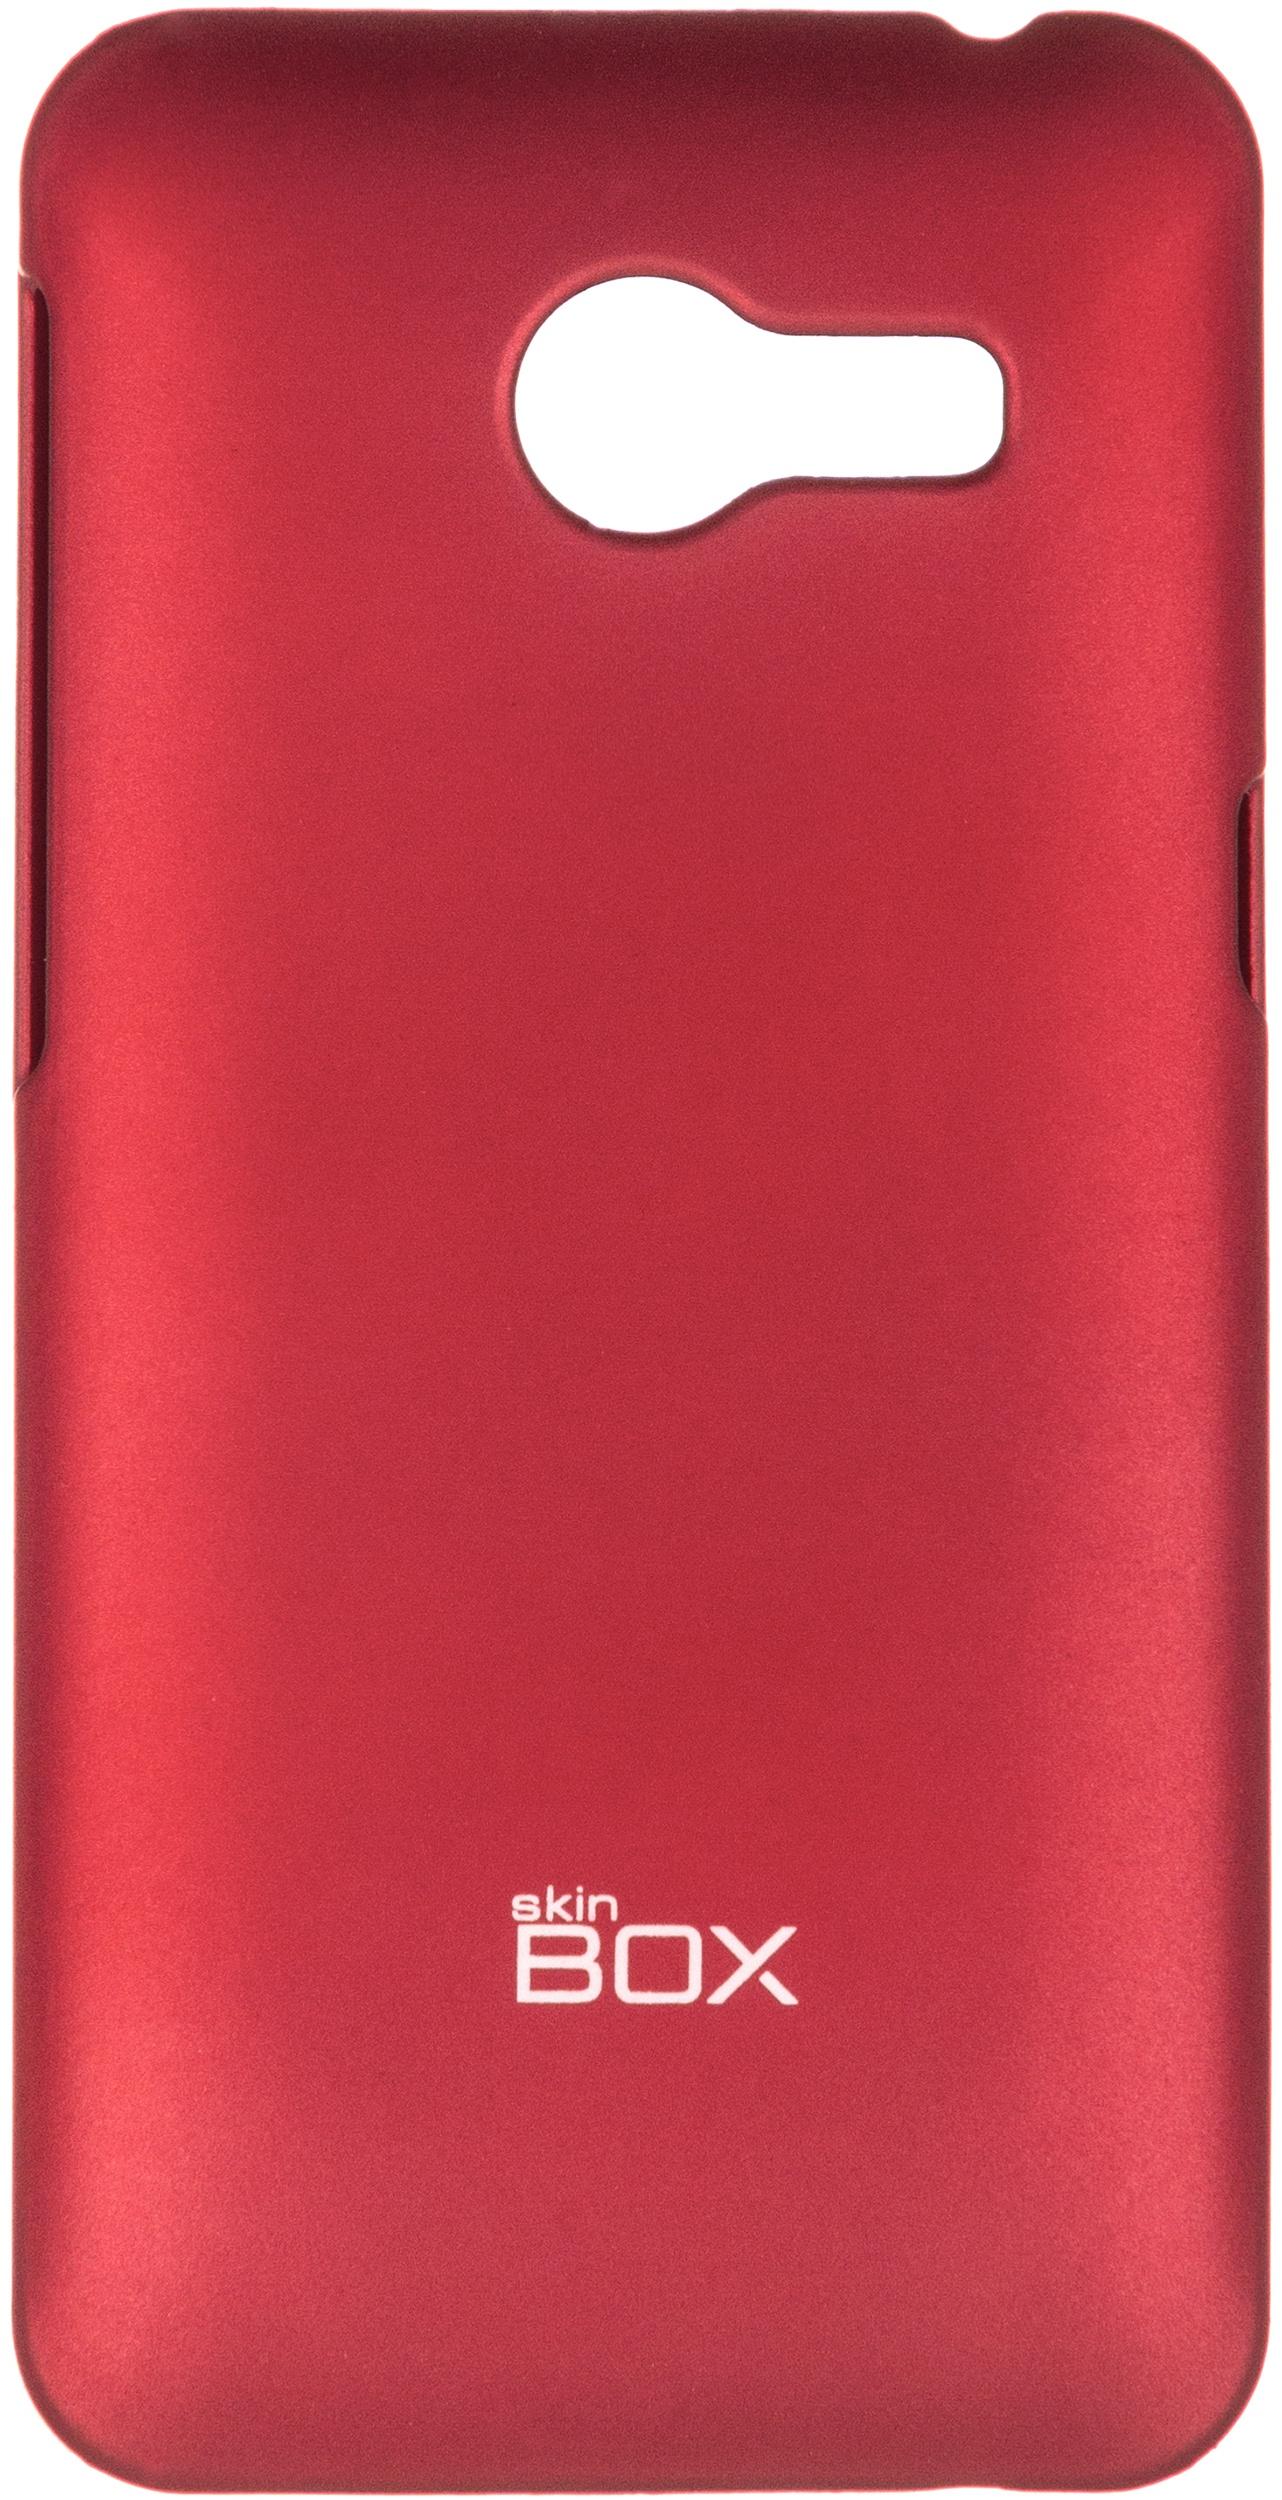 Чехол для сотового телефона skinBOX 4People, 4630042526495, красный чехол для сотового телефона skinbox 4people 4630042528994 красный